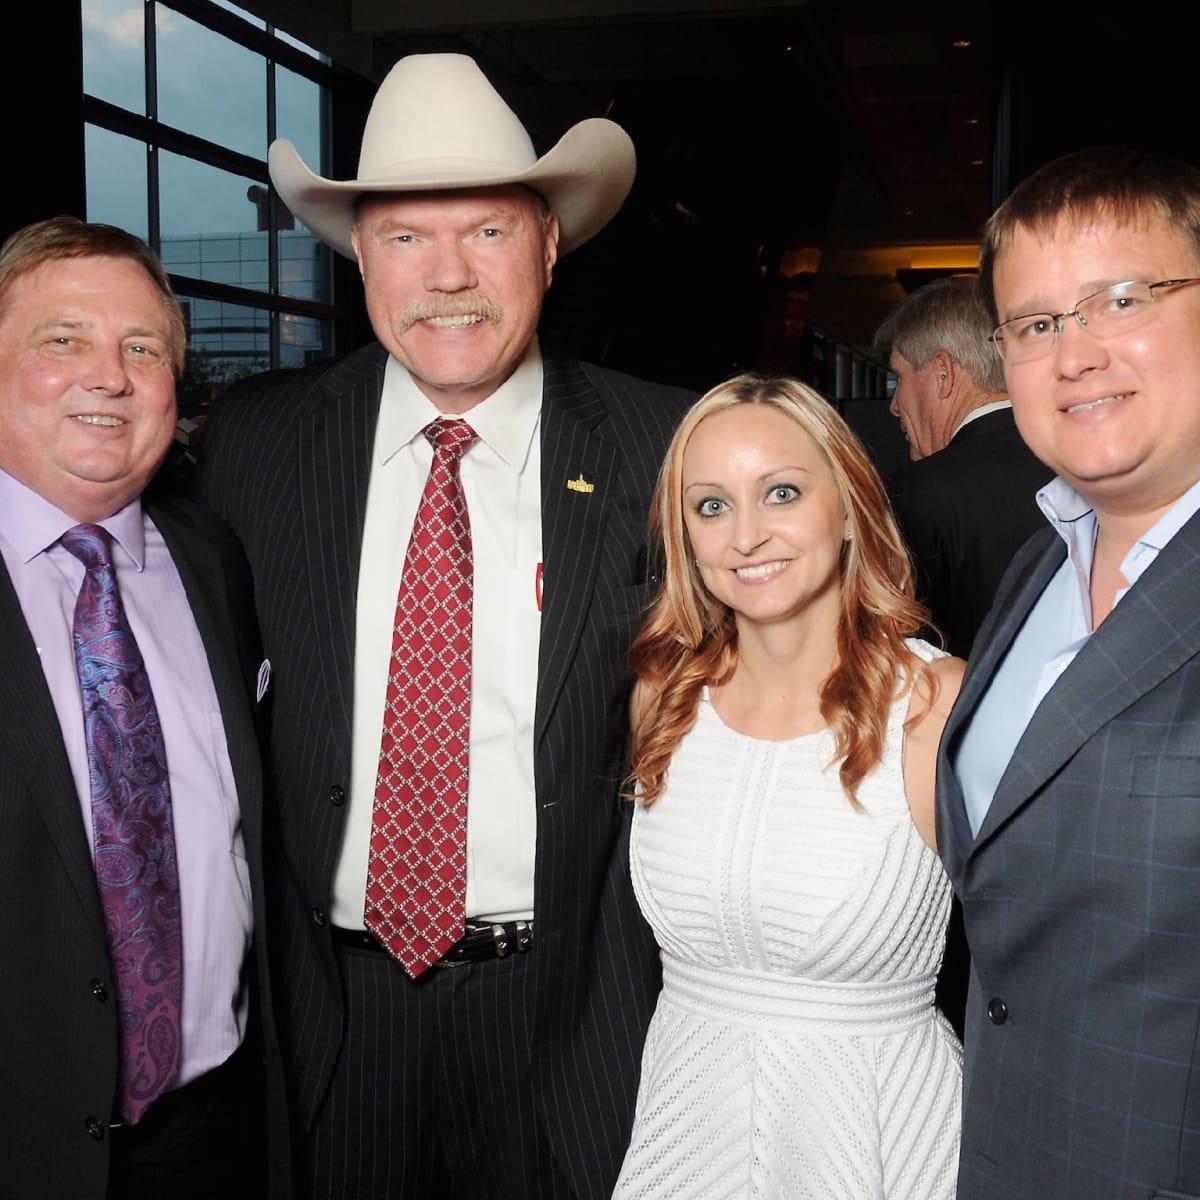 David Sargent Sr, Sheriff Bill Waybourn, Kari Sargent, David Sargent Jr at Kickstart gala